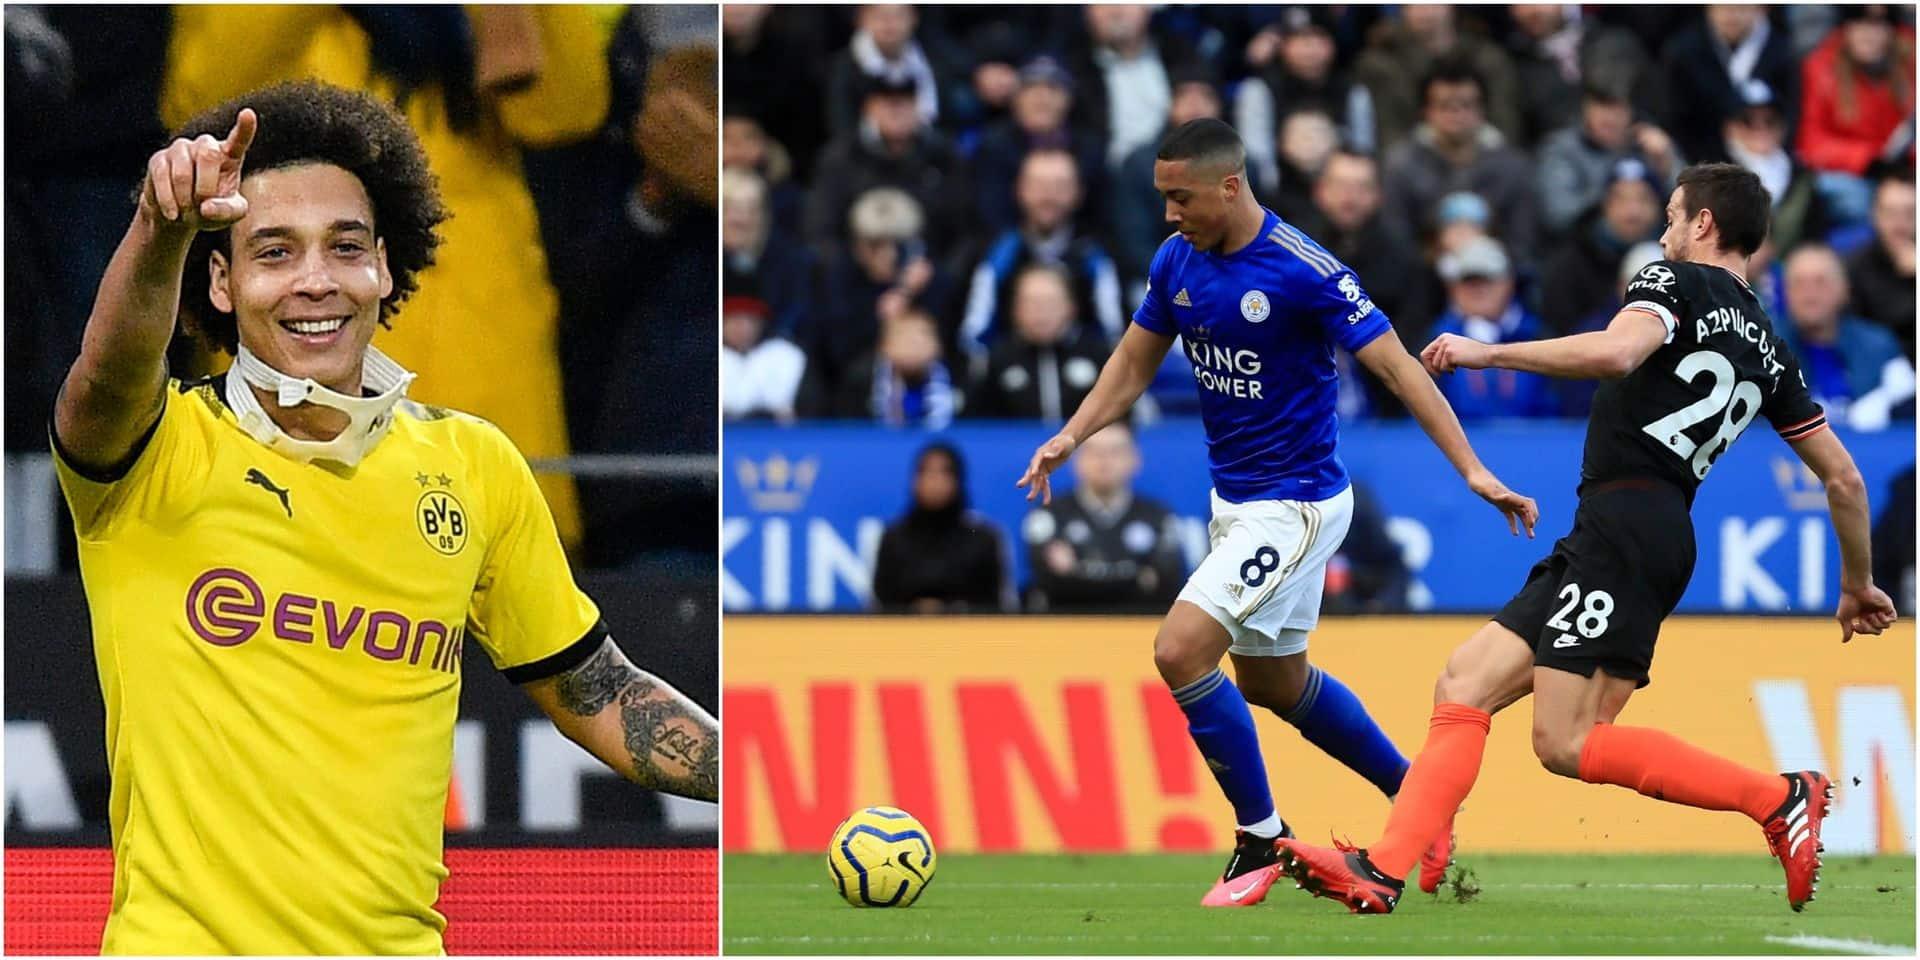 Belges à l'étranger: deux passes décisives pour Tielemans face à Chelsea, Witsel buteur (VIDEOS)